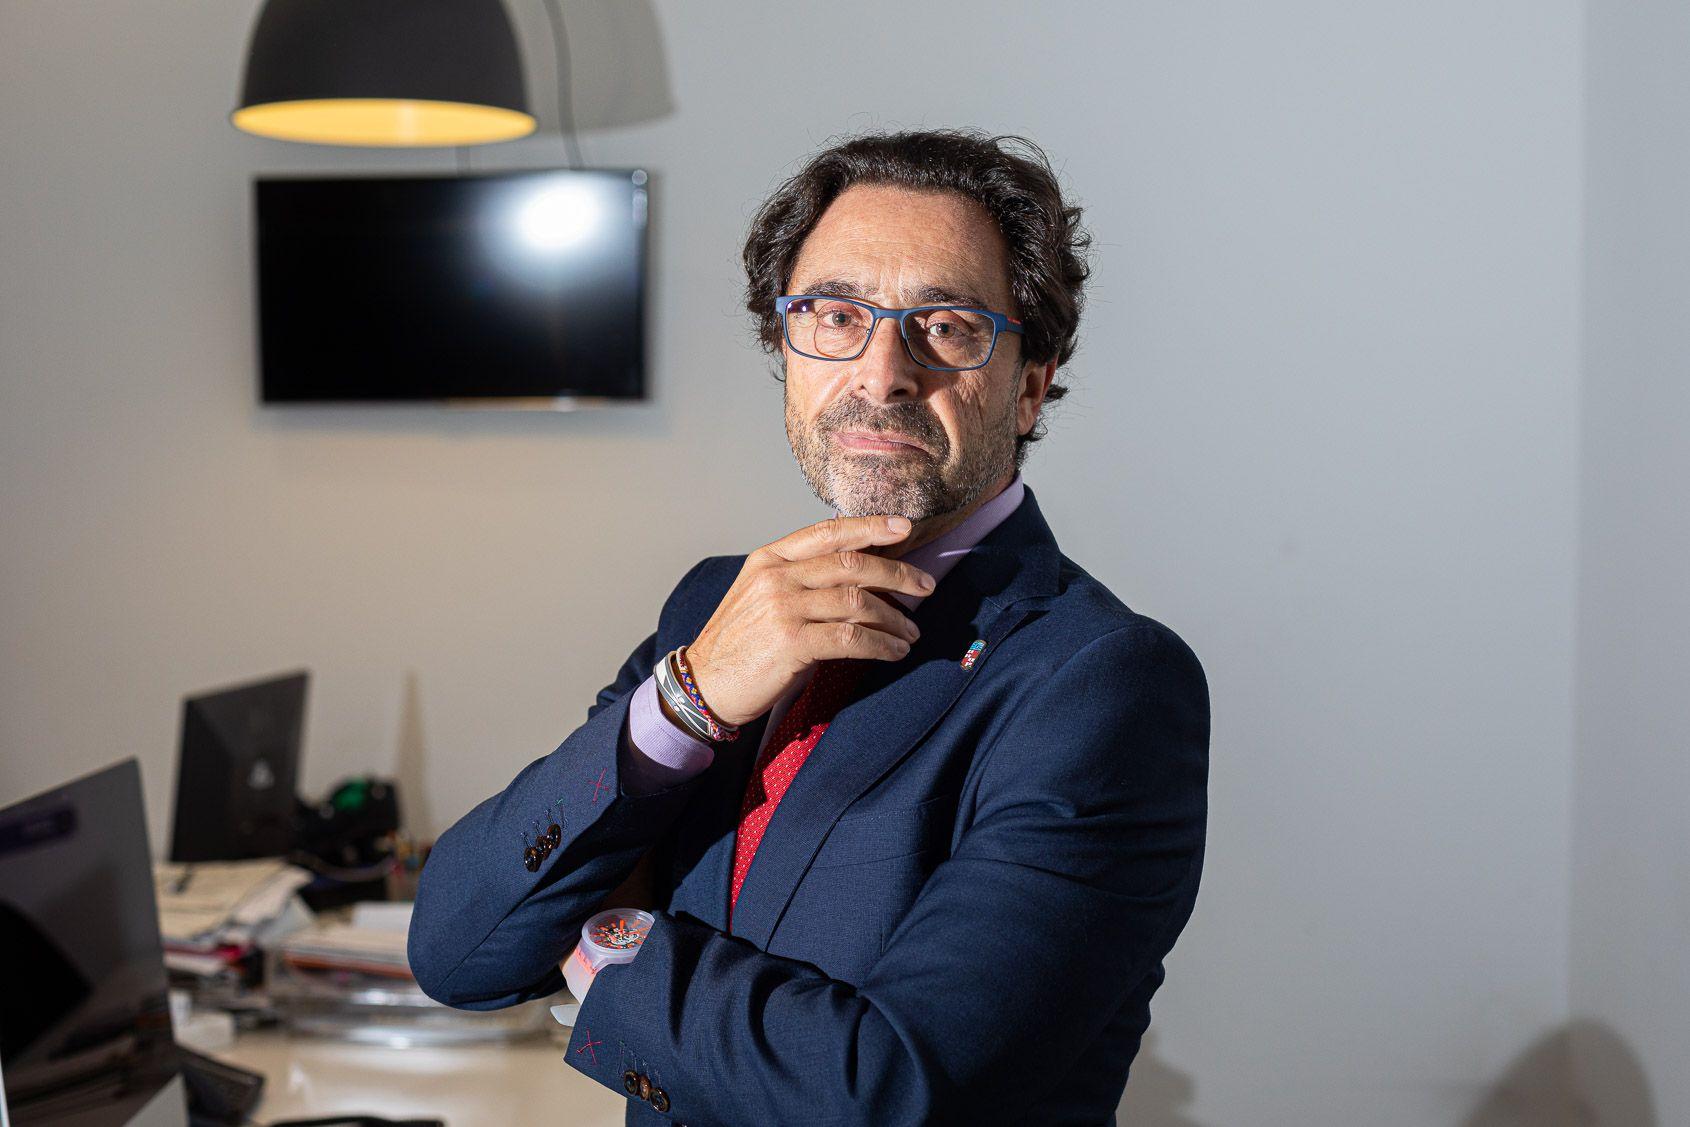 El doctor Joan Guàrdia, candidat al rectorat de la Universitat de Barcelona | Jordi Borràs